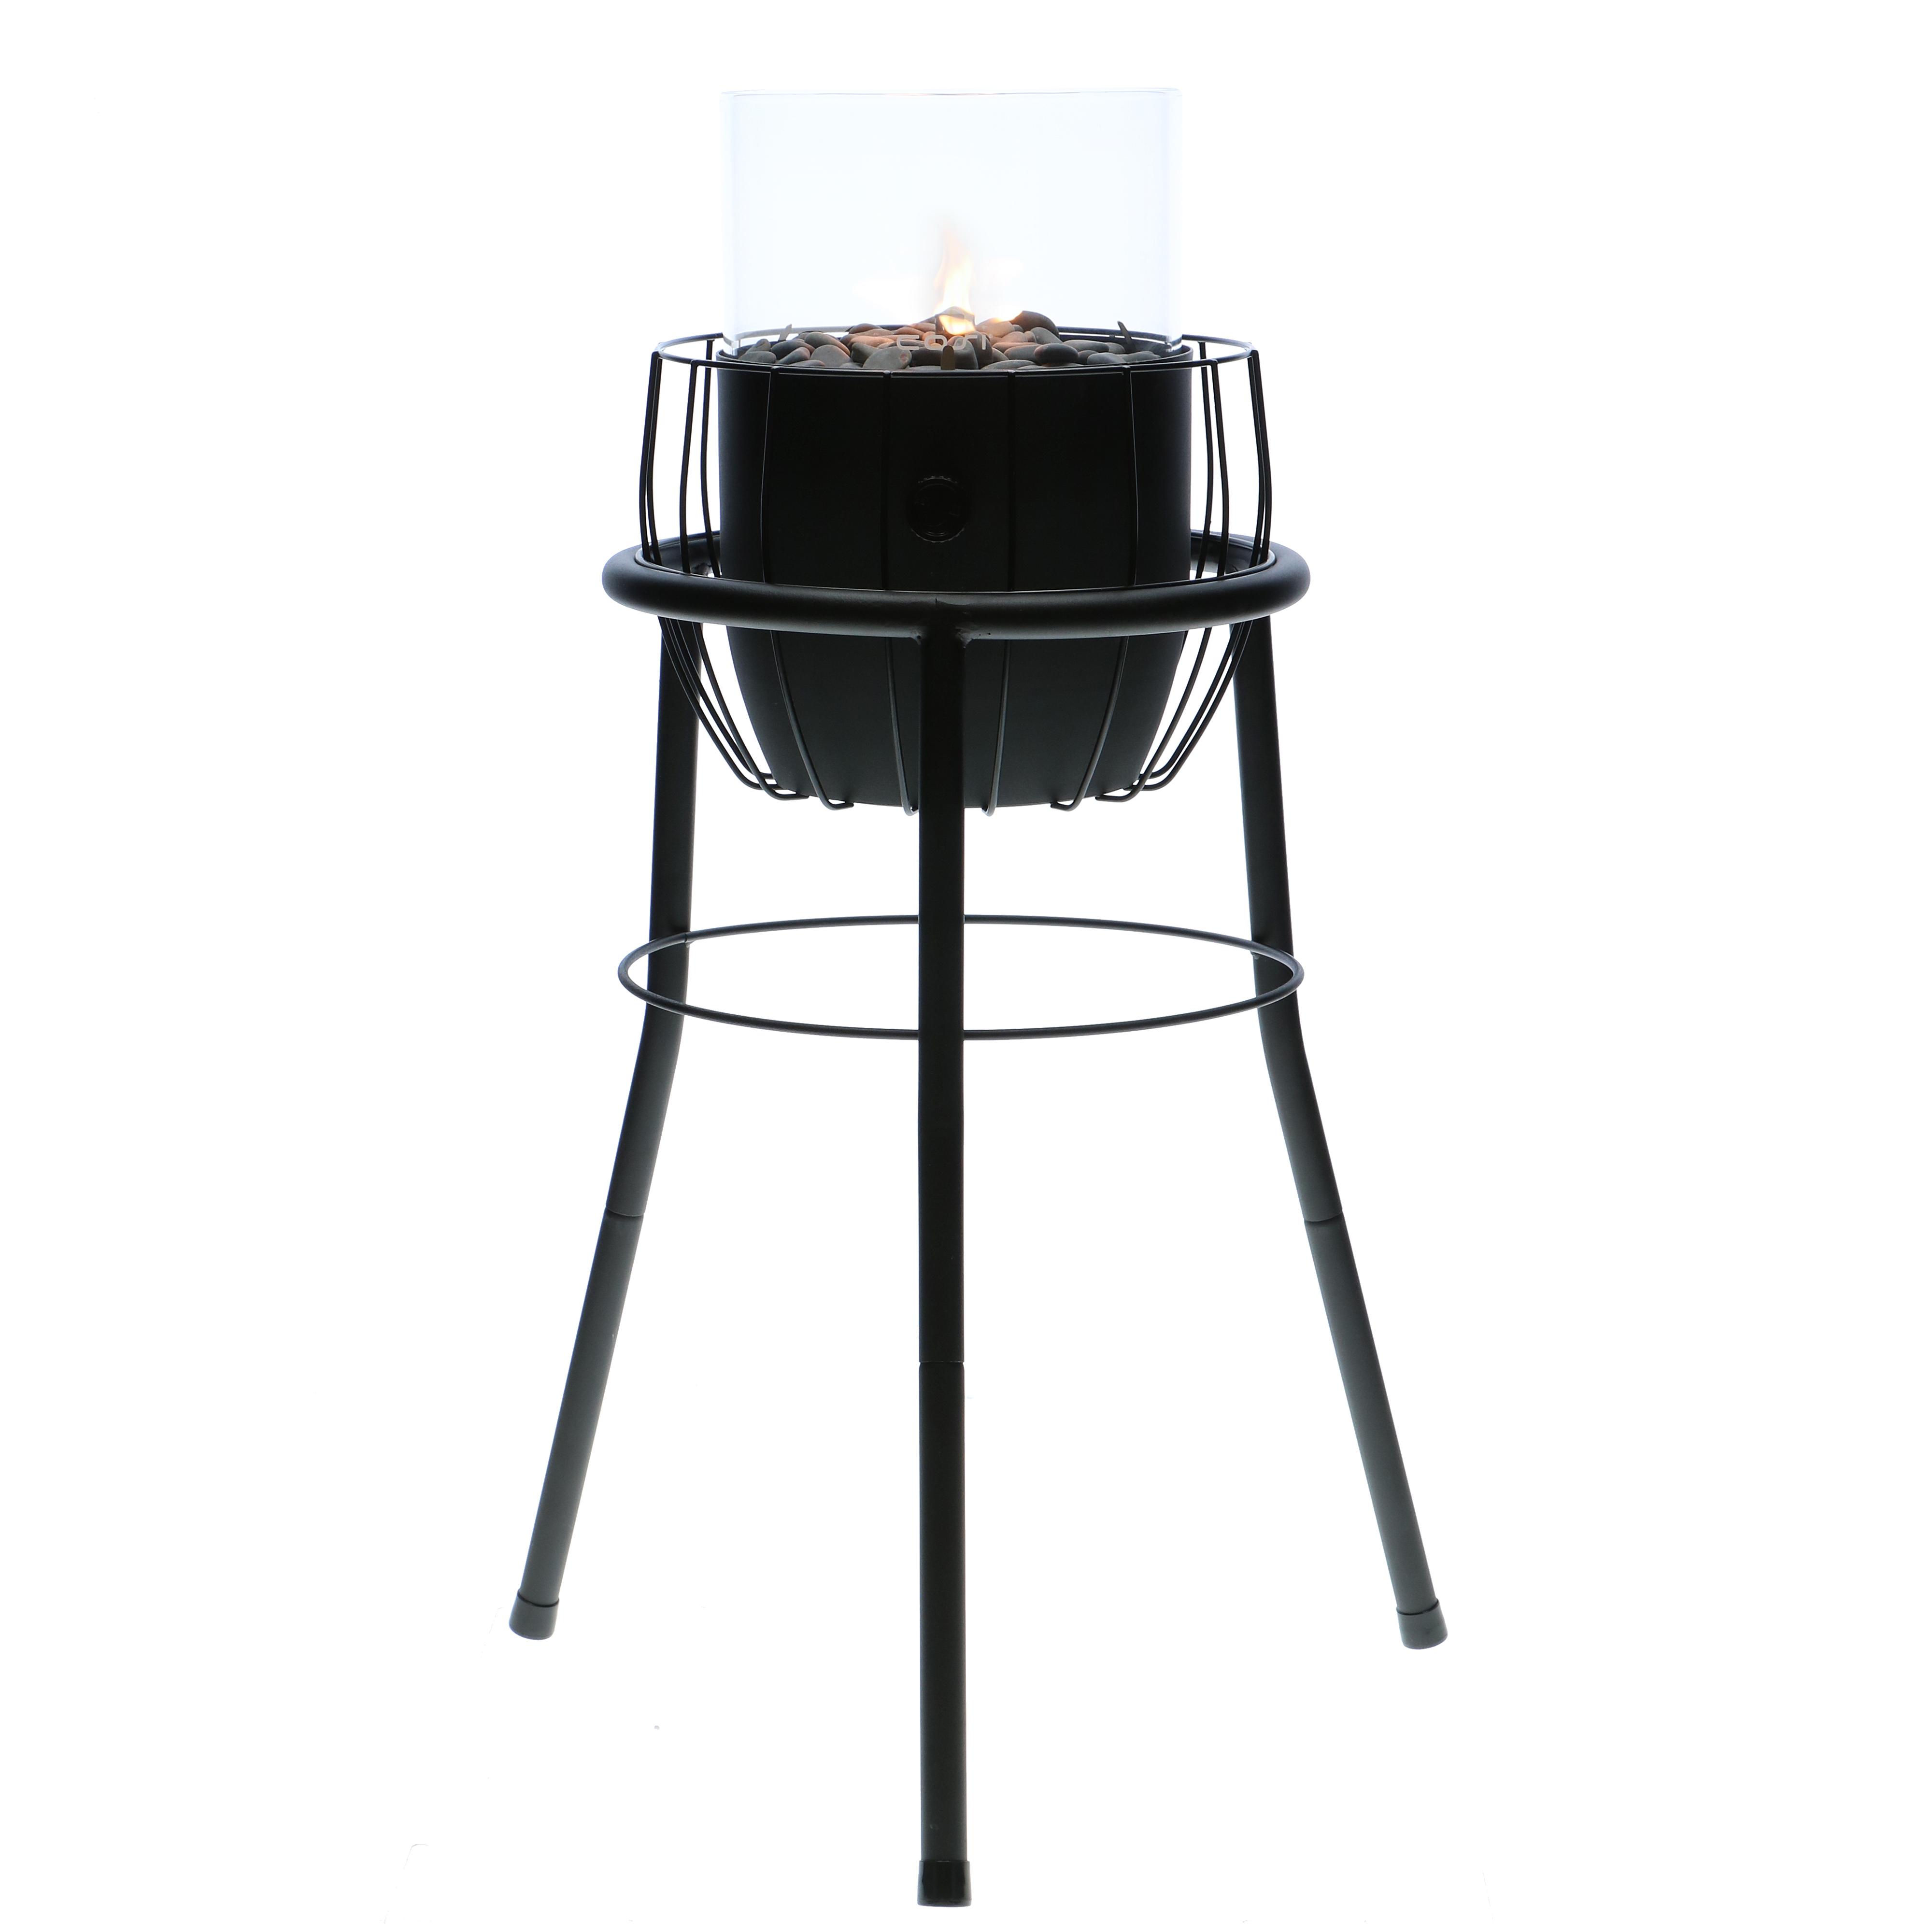 Plynová lucerna Cosiscoop Basket vysoká COSI